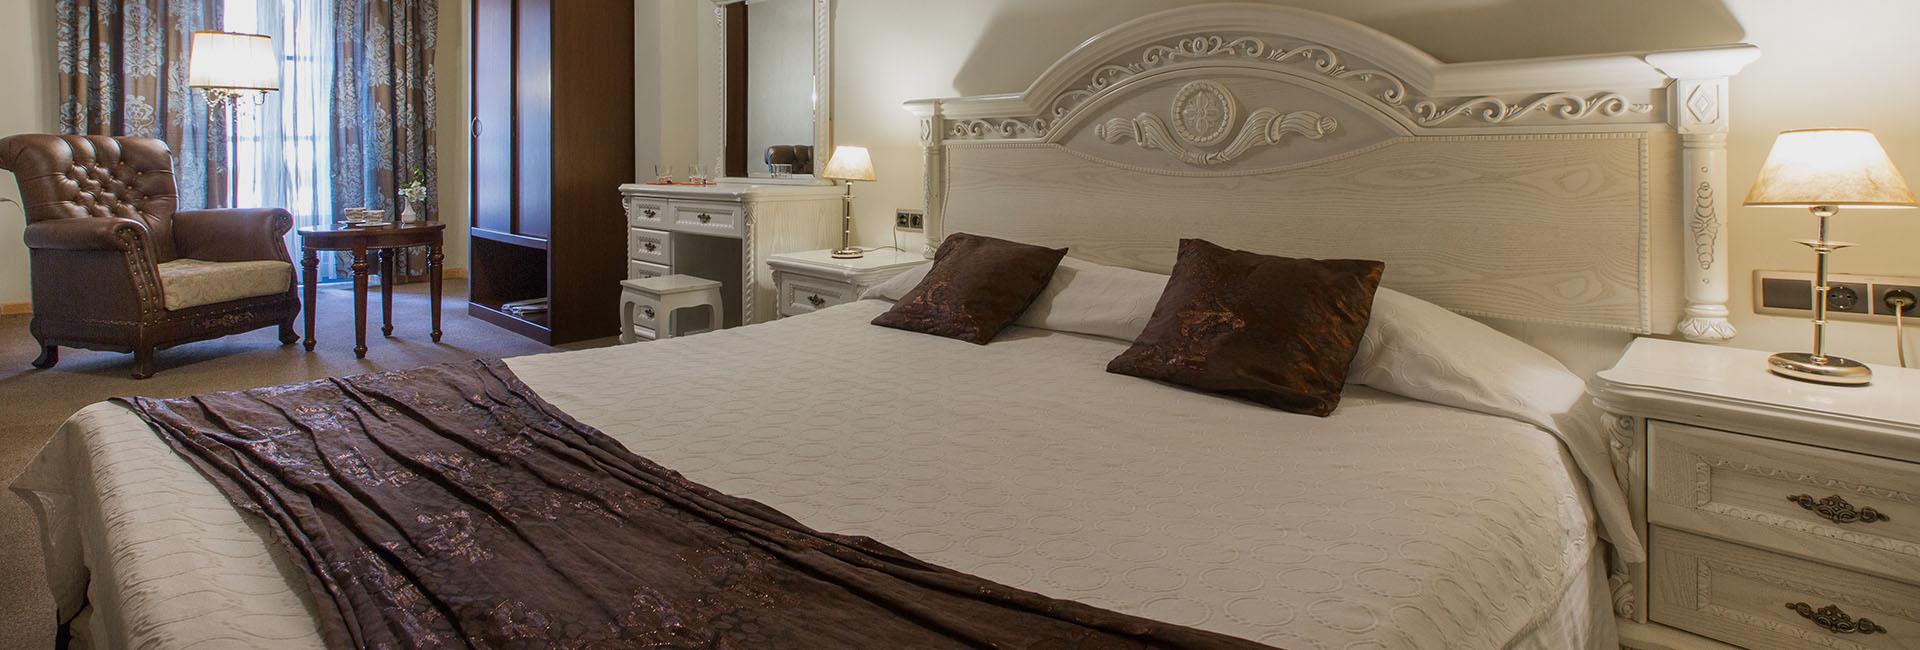 ξενοδοχεια ναυπλιο - Dias Boutique Hotel